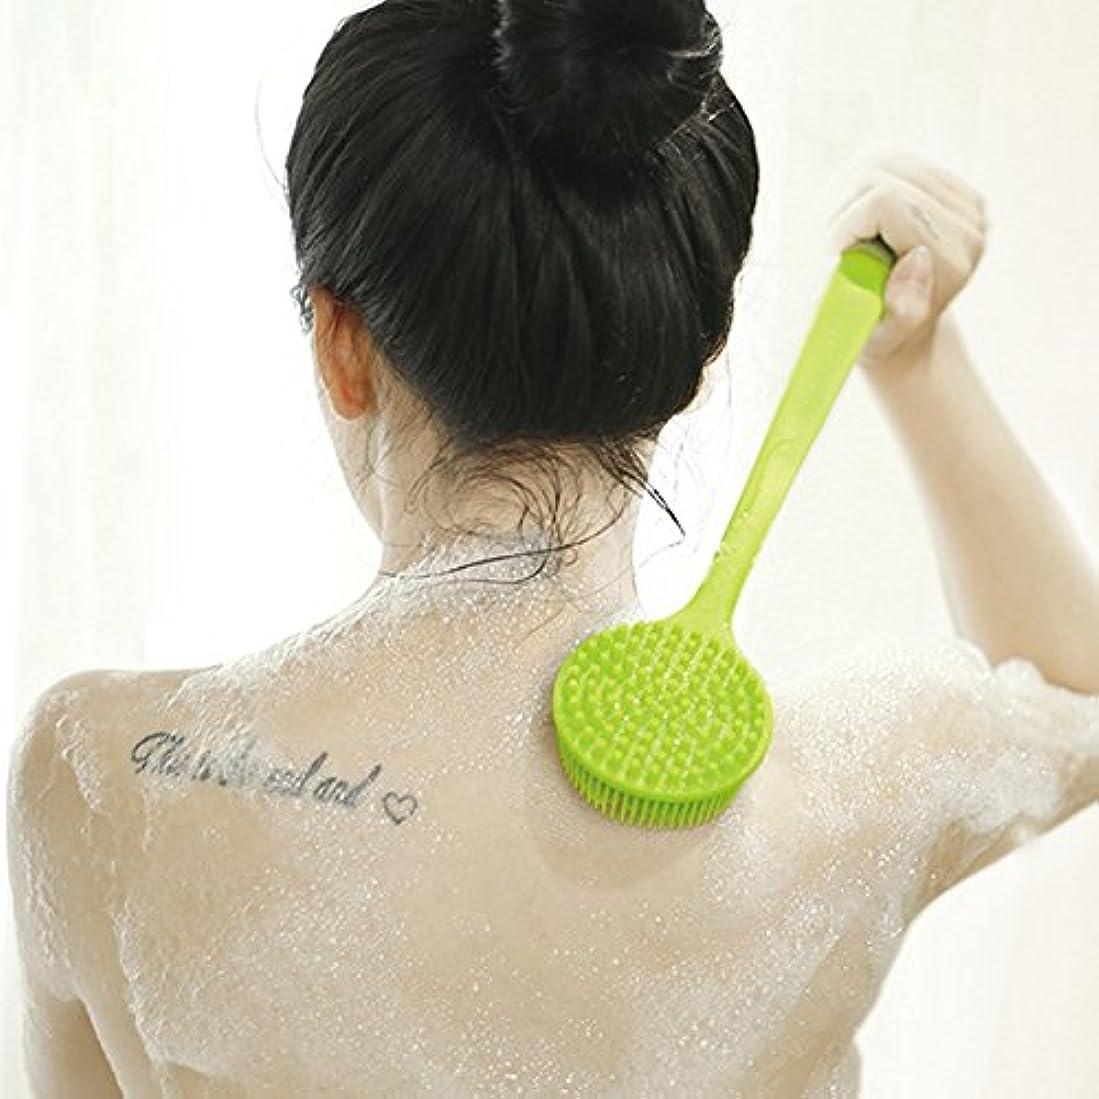 ファンブル大型トラックテスピアンボディブラシ シャワーブラシ お風呂用 シリコン製 体洗い マッサージブラシ 毛穴洗浄 角質除去 多機能 柔らかい